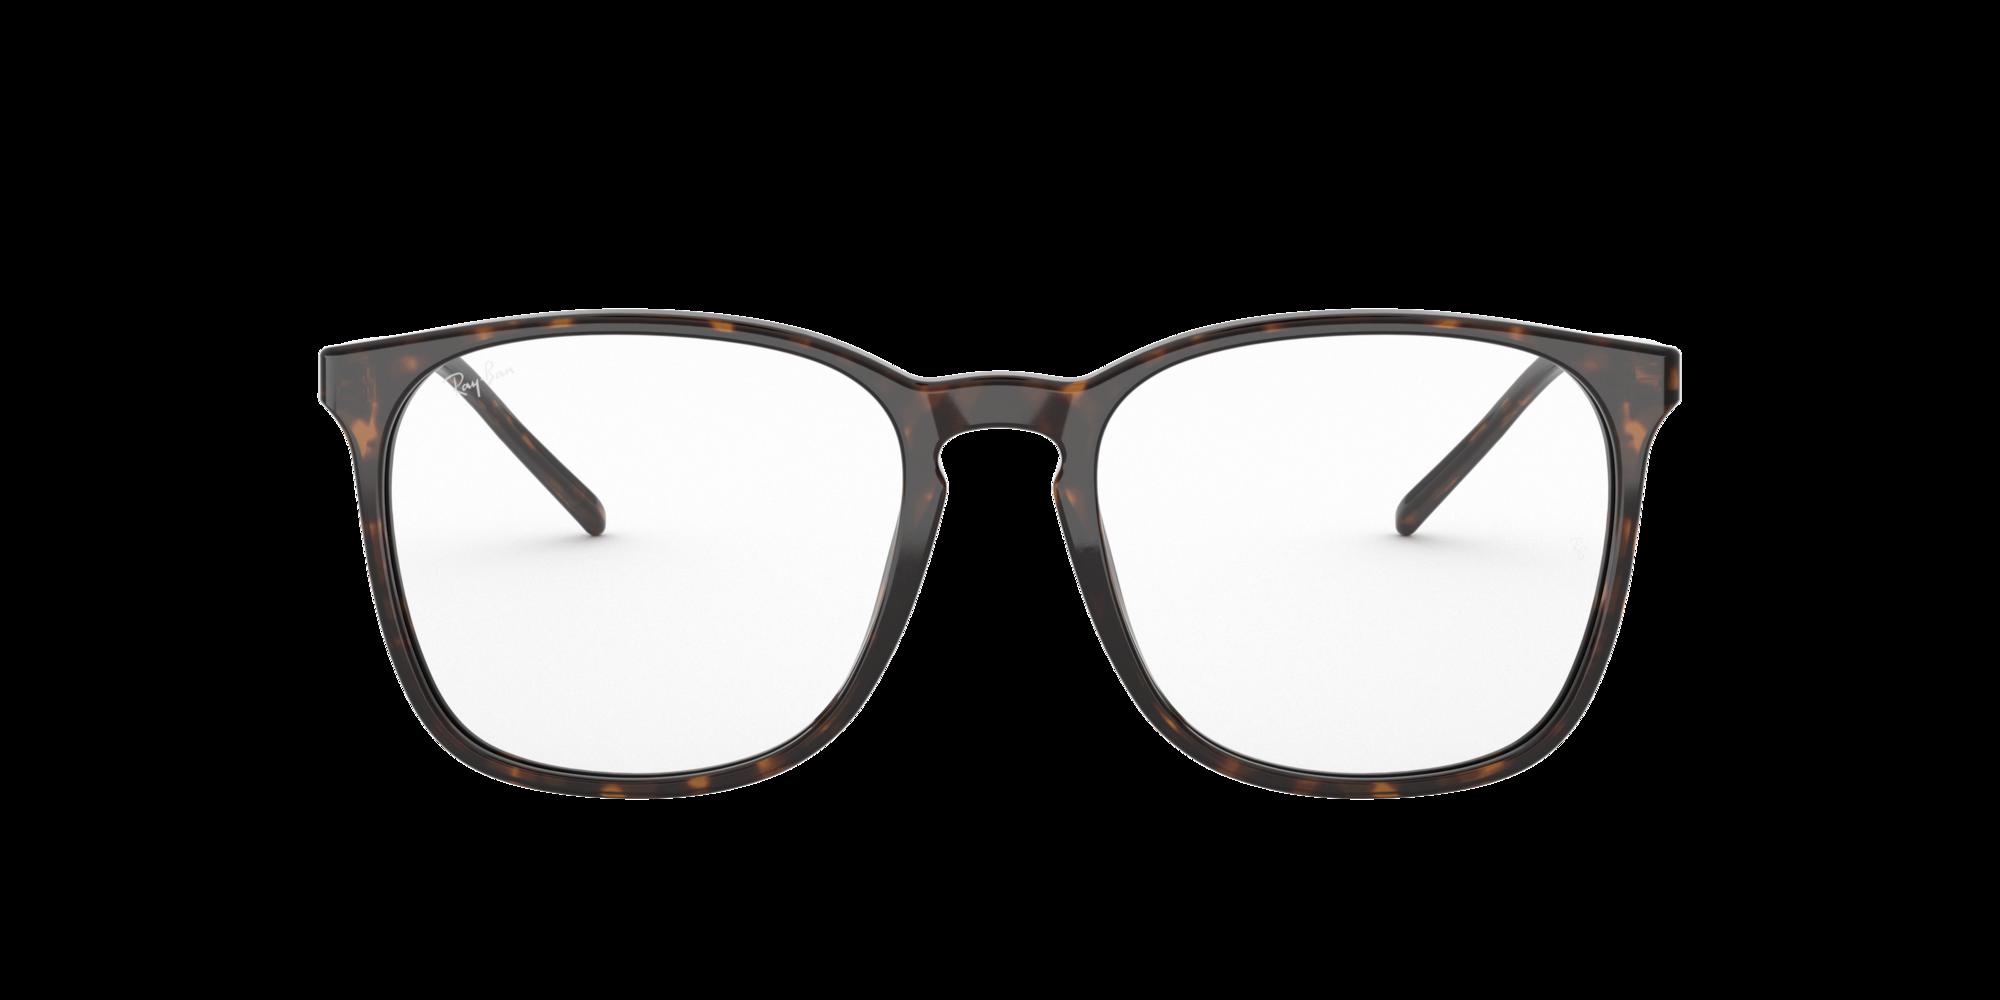 Imagen para RX5387 de LensCrafters |  Espejuelos, espejuelos graduados en línea, gafas